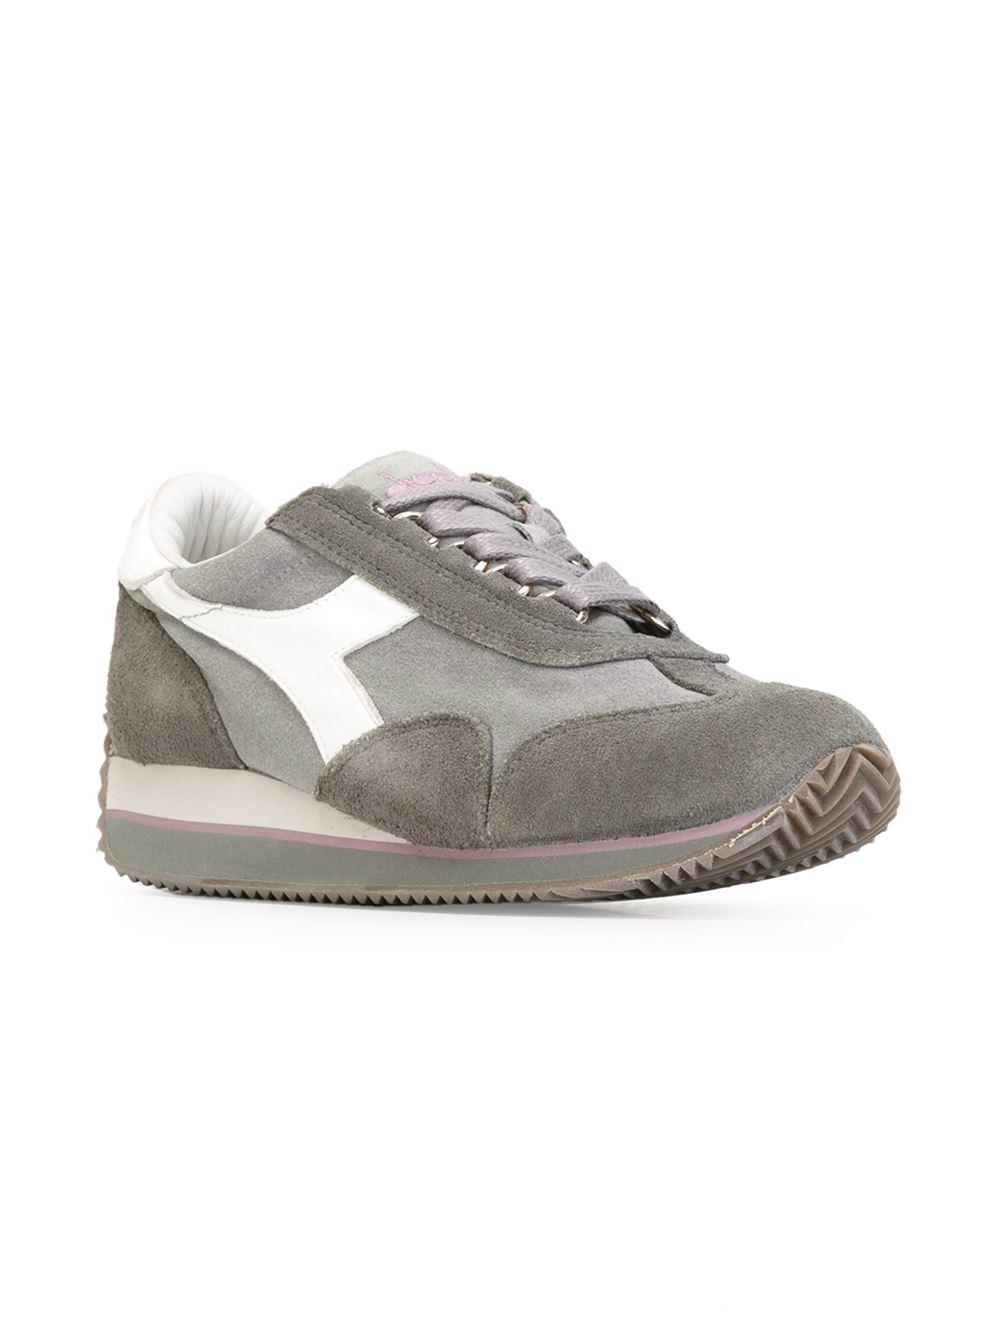 Diadora 'equipe' Sneakers in Grey (Grey)